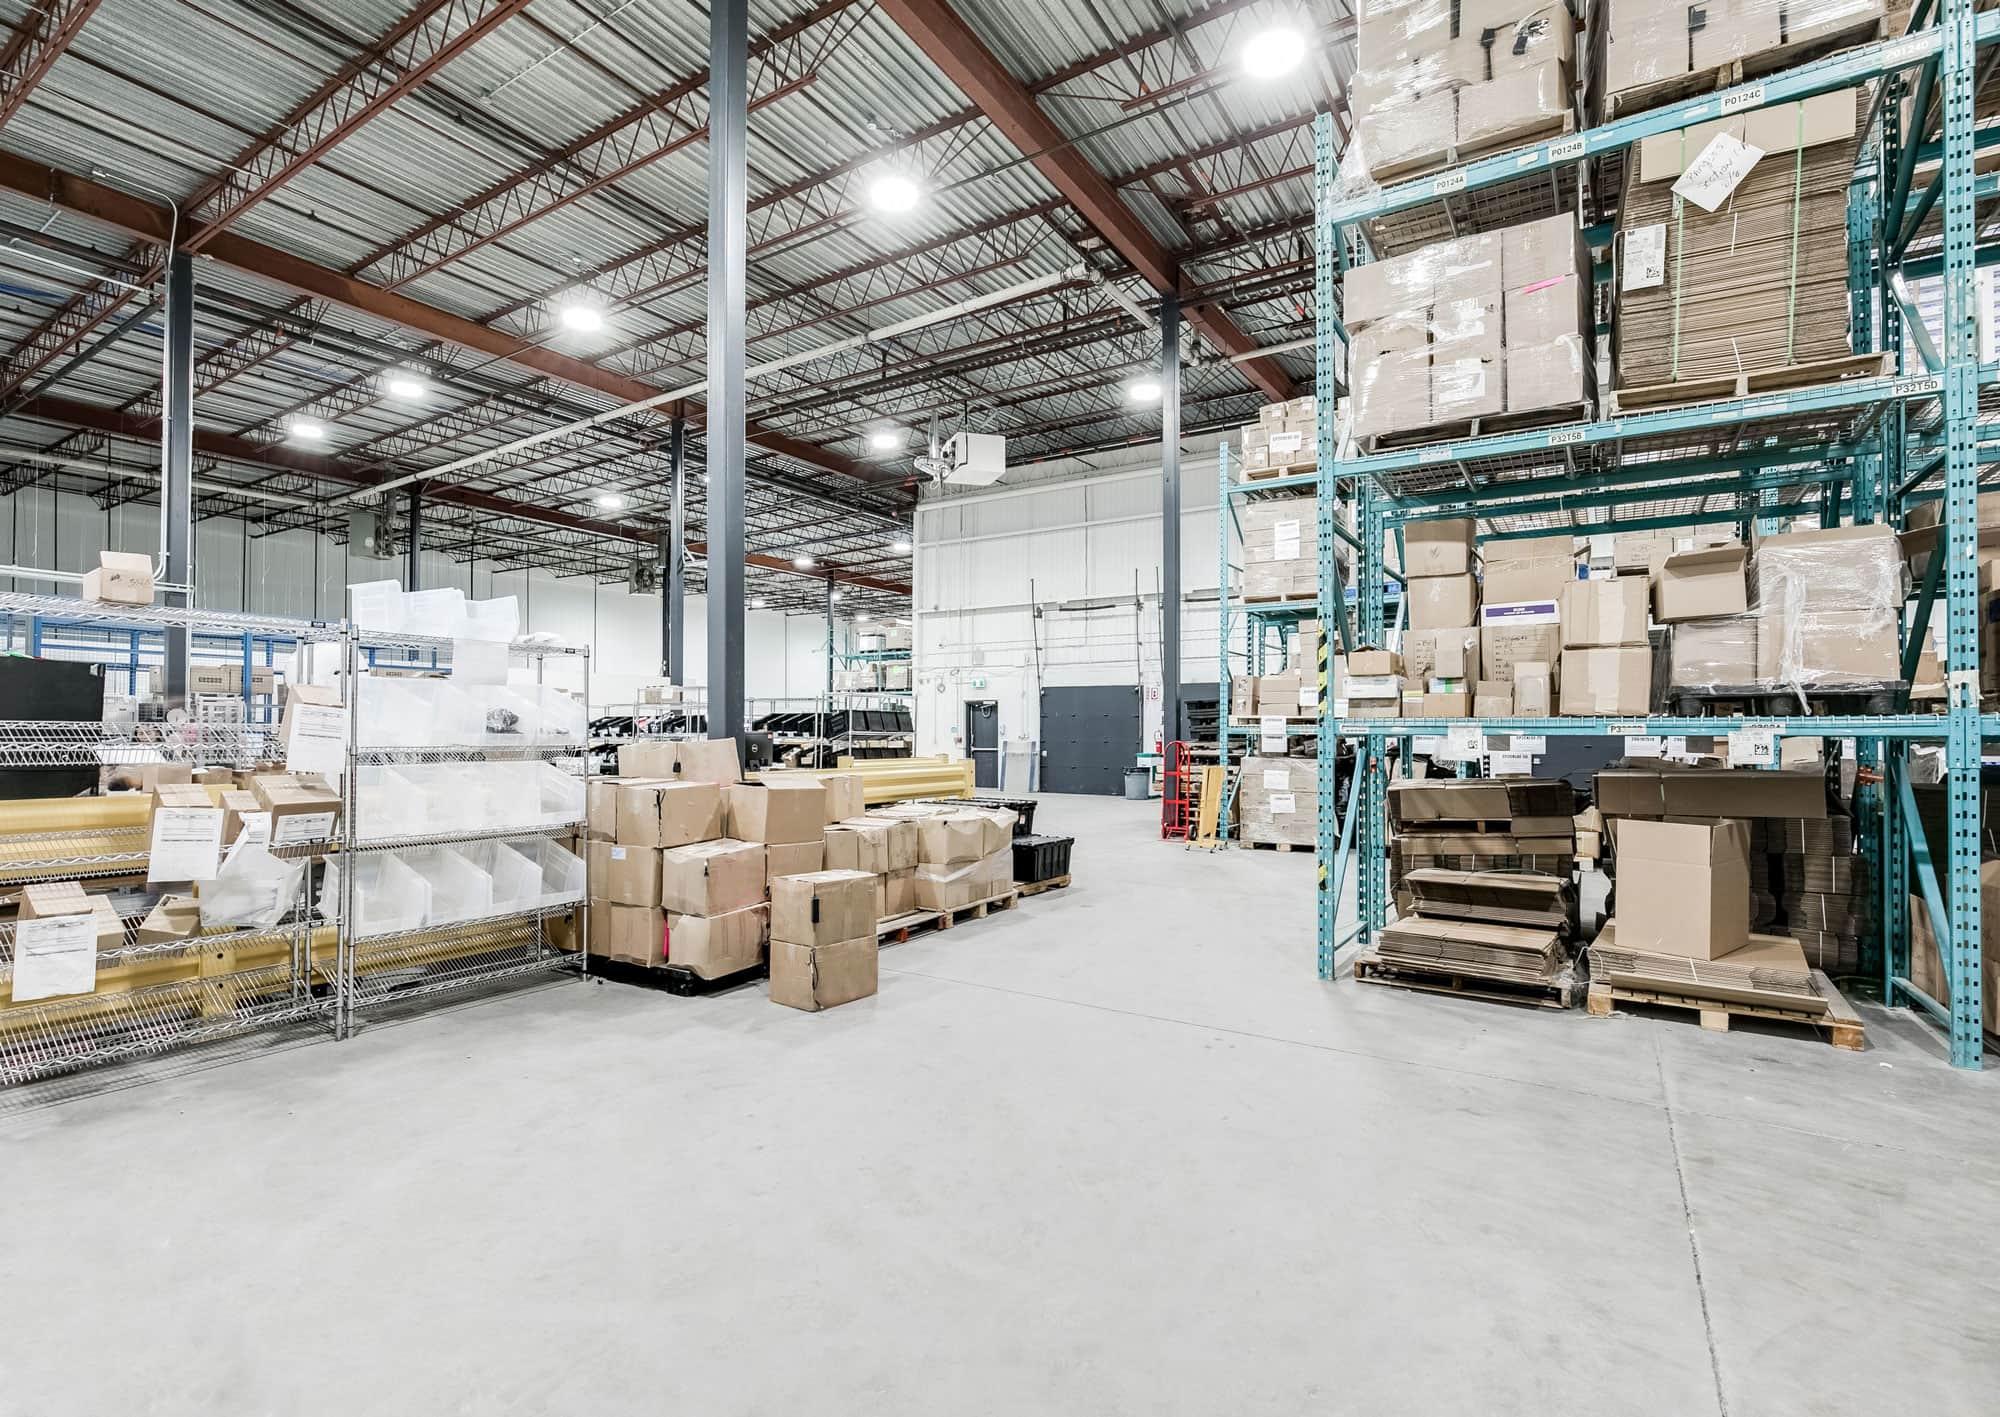 entrepôt révové avec tablettes en acier et boîtes rangées